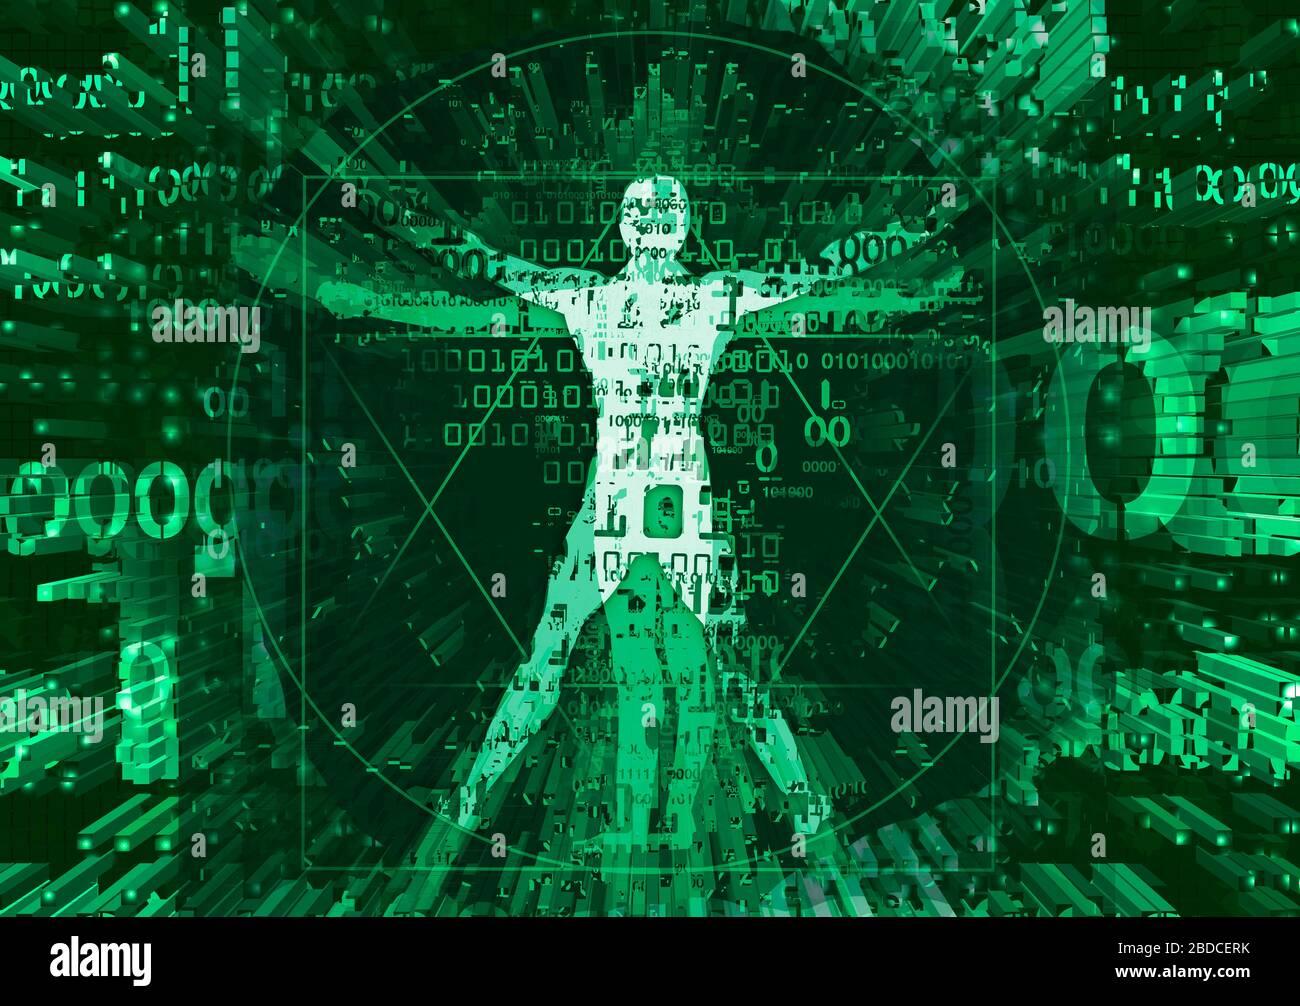 Vitruvian homme en explosion de données informatiques détruites. Illustration verte futuriste de vitruvian man avec des codes binaires détruits . Banque D'Images